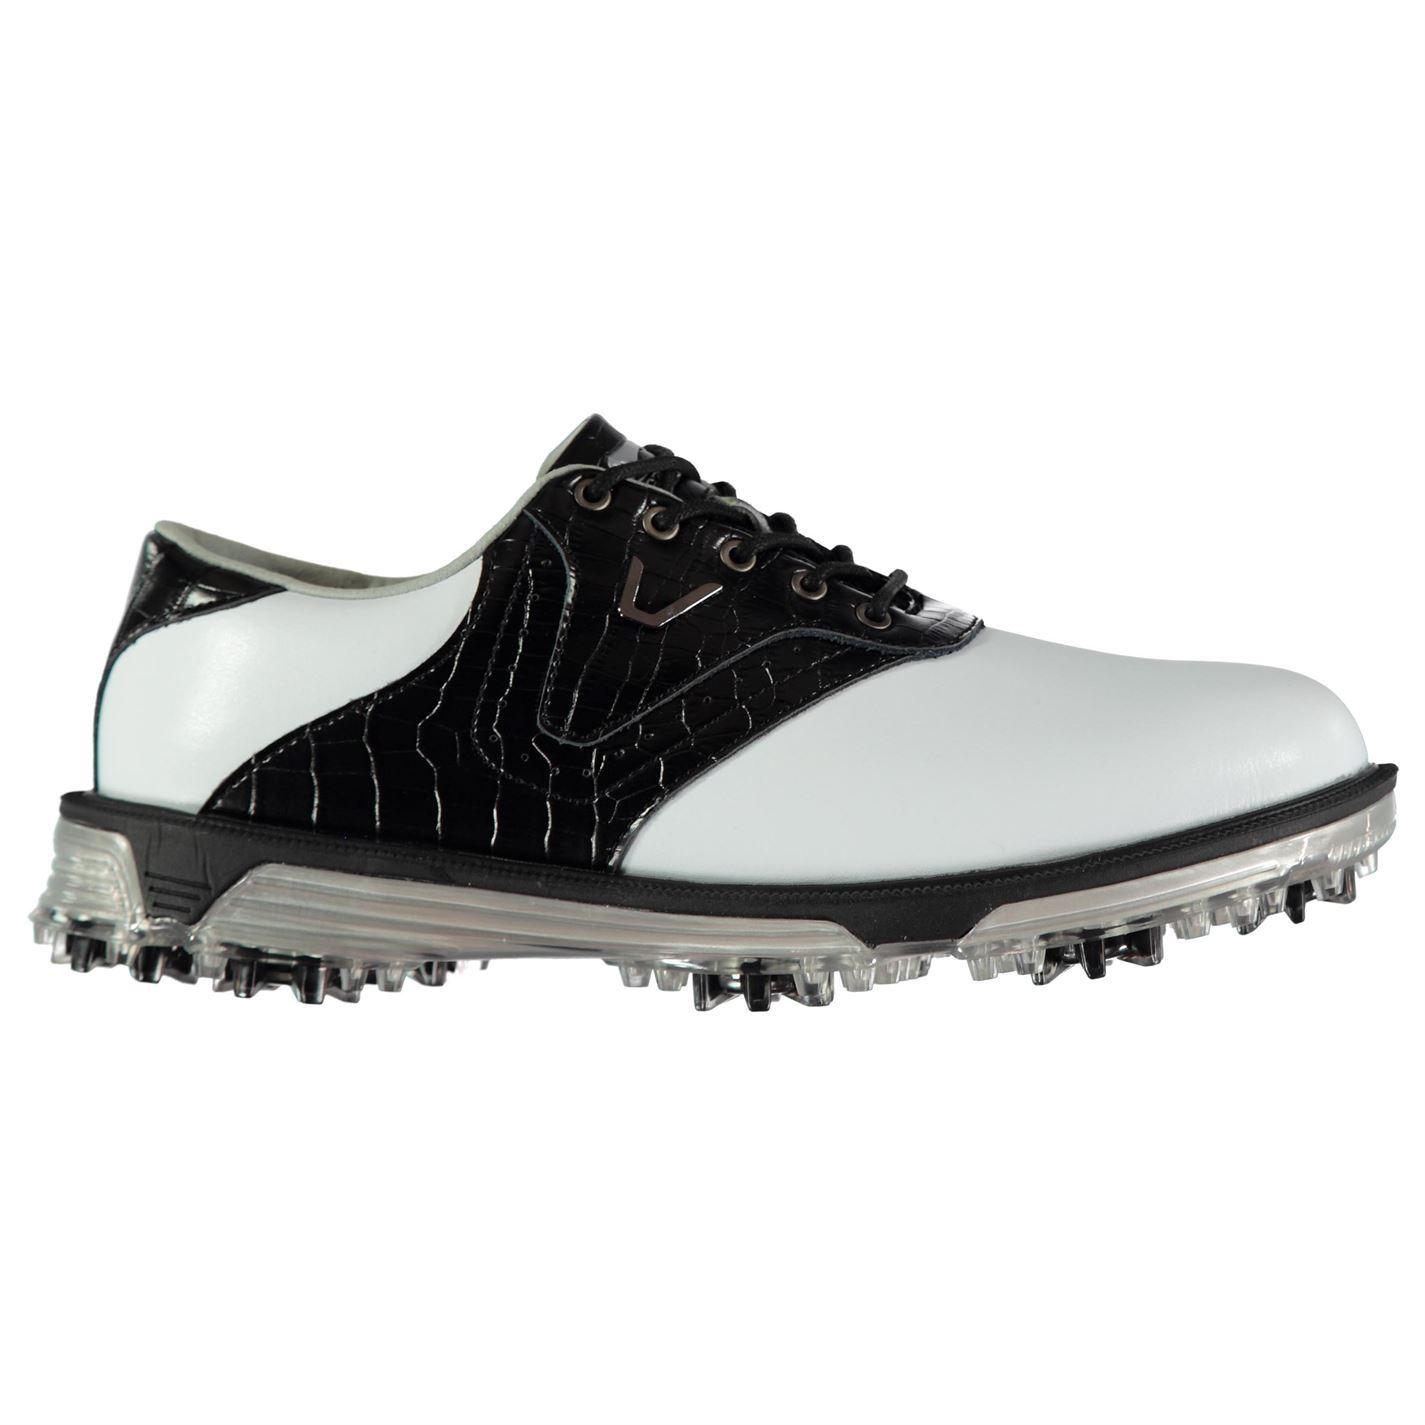 Slazenger-V500-Golf-Shoes-Mens-Spikes-Footwear thumbnail 12